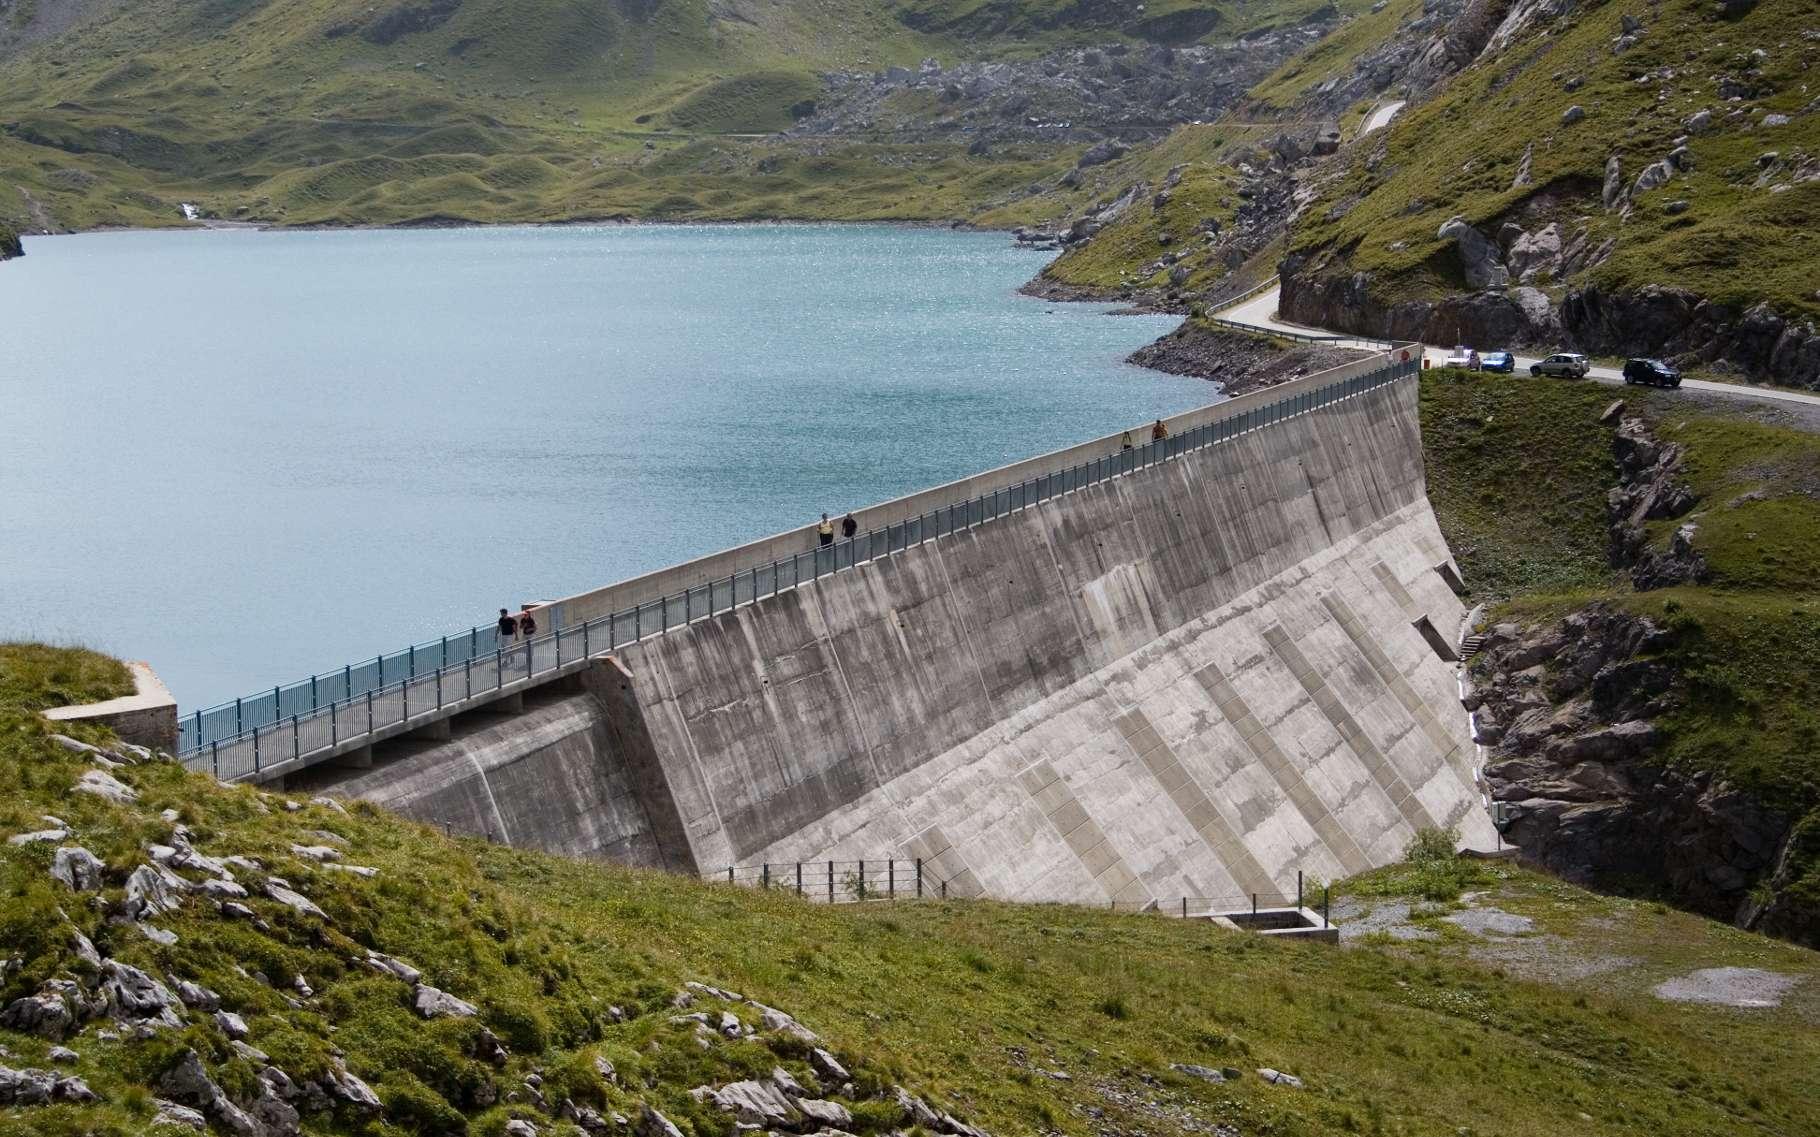 La centrale hydroélectrique du Sanetsch, en Suisse, avec son barrage. © Ludovic Péron, Wikimedia Commons, CC by 2.5